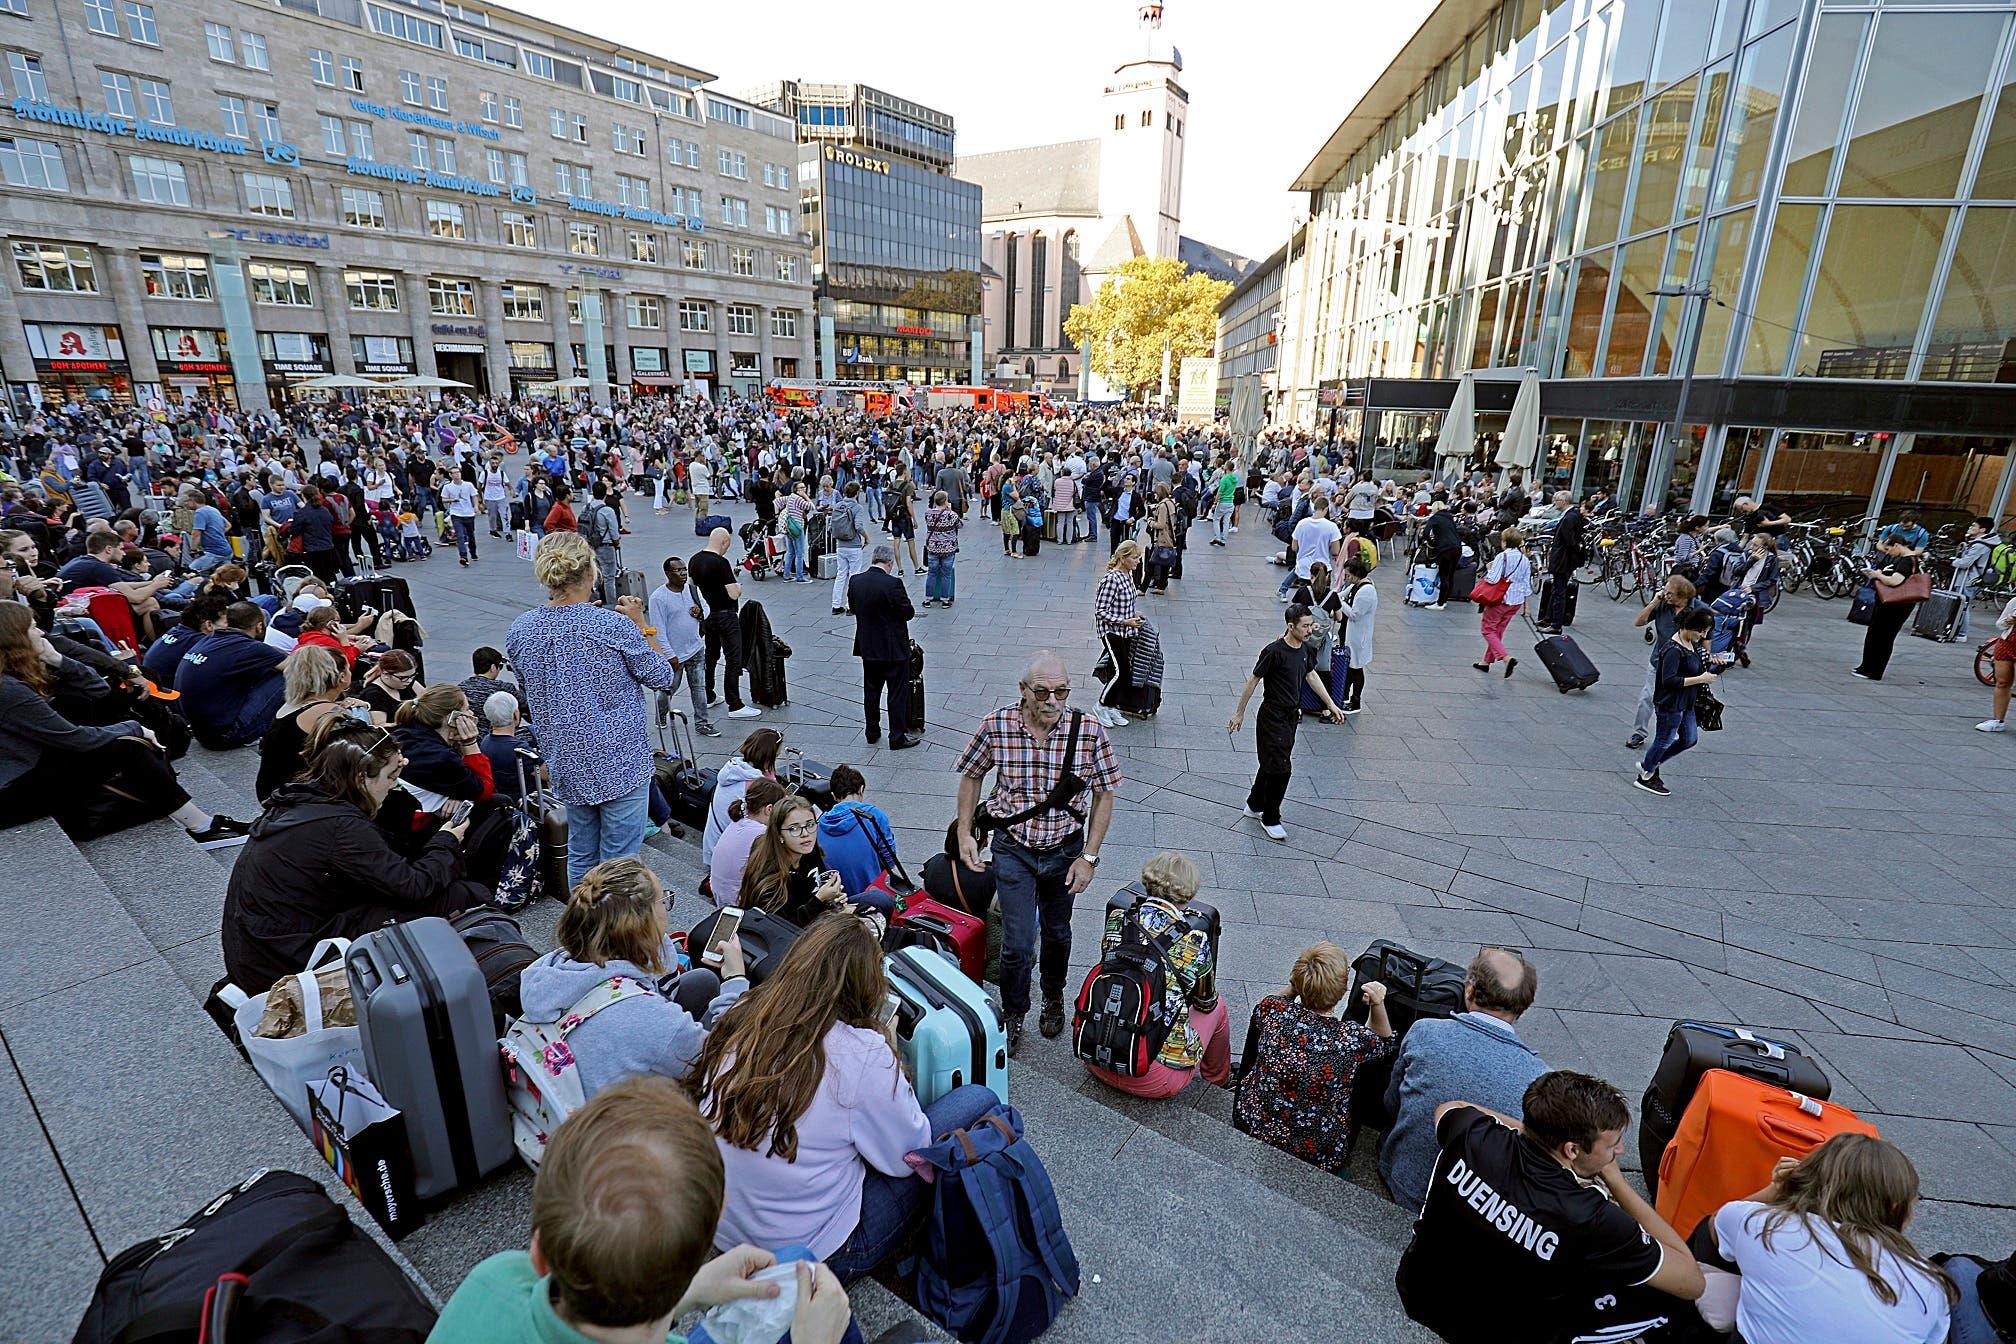 La toma de rehenes que obligó hoy a desalojar la estación central ferroviaria de Colonia, en el oeste de Alemania.